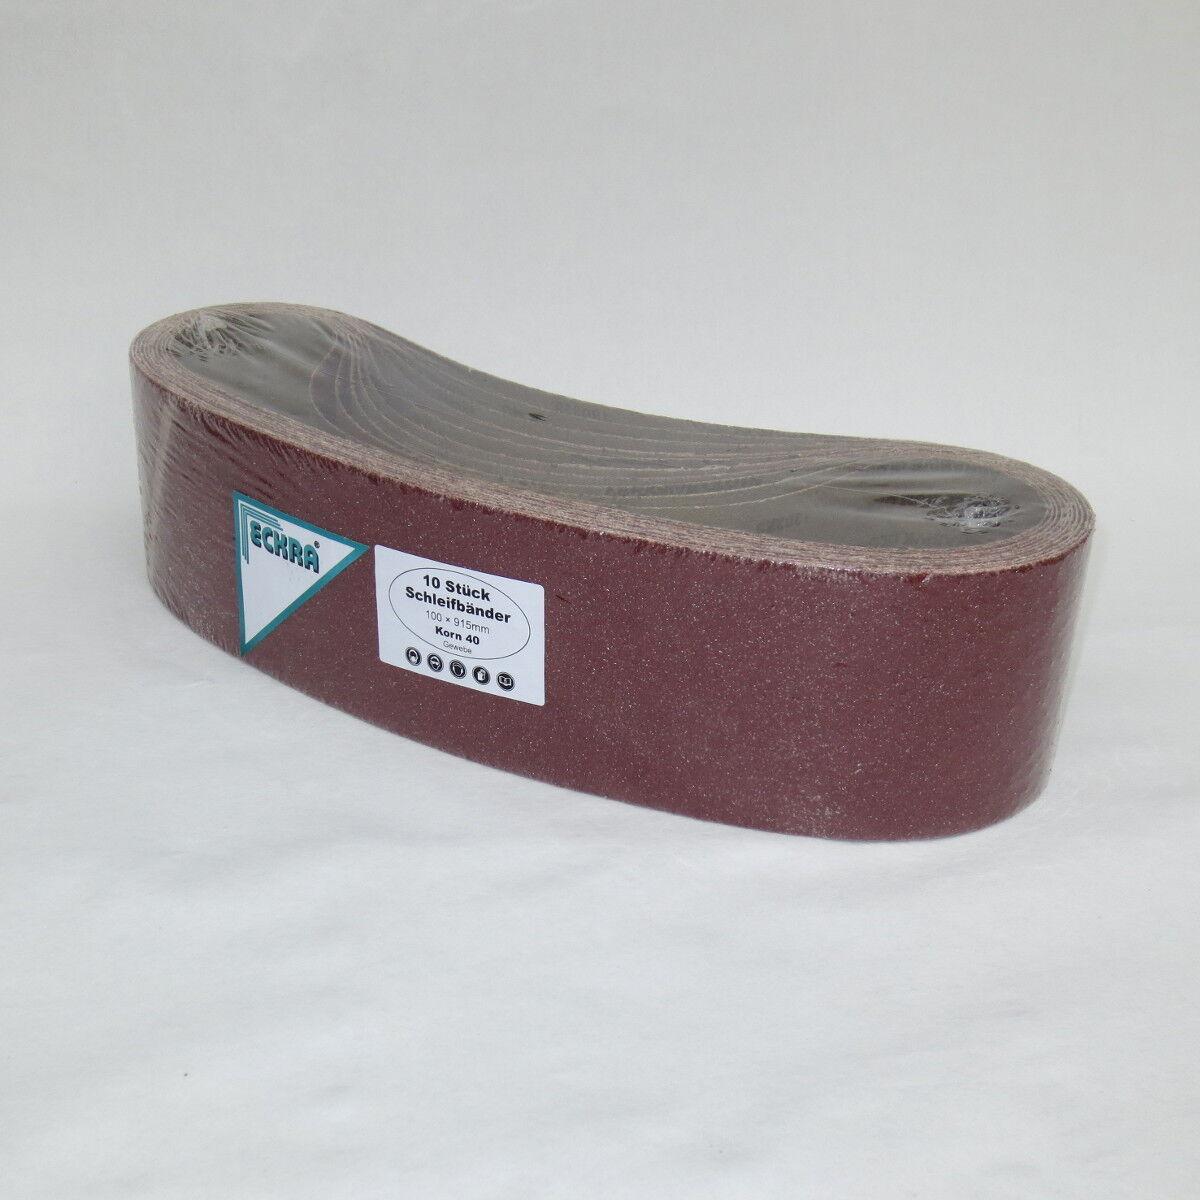 Schleifbänder für Bandschleifer 20 Bänder ECKRA® 100 x 610 mm P120 Schleifpapier